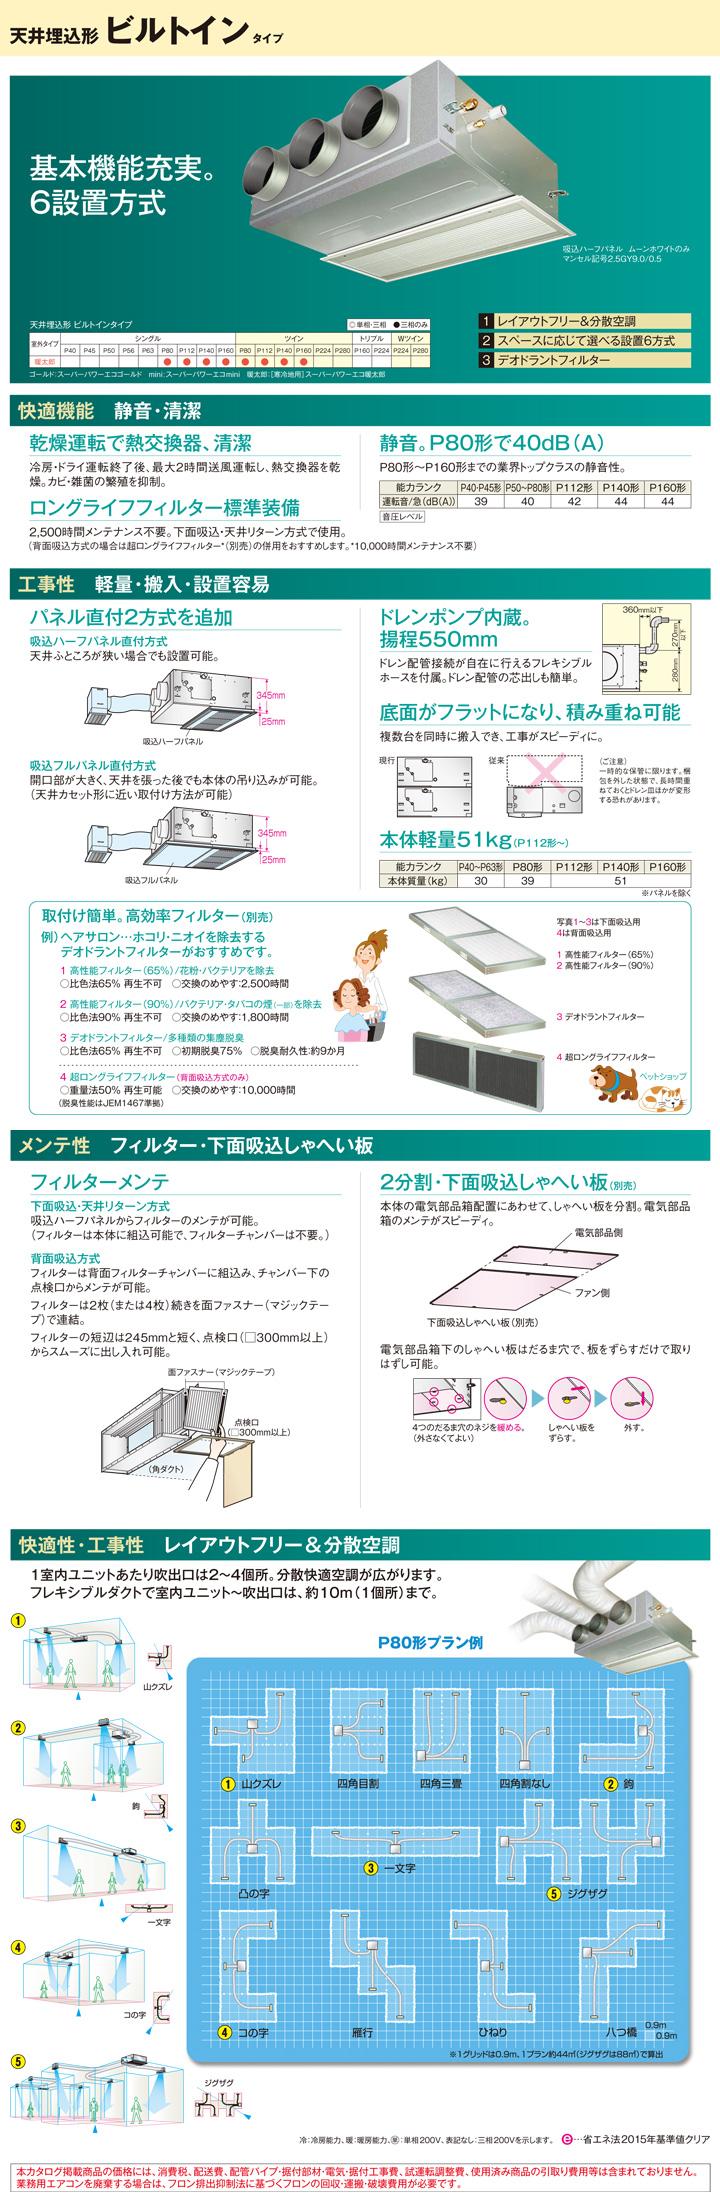 東芝 RBHA08031M 業務用エアコン